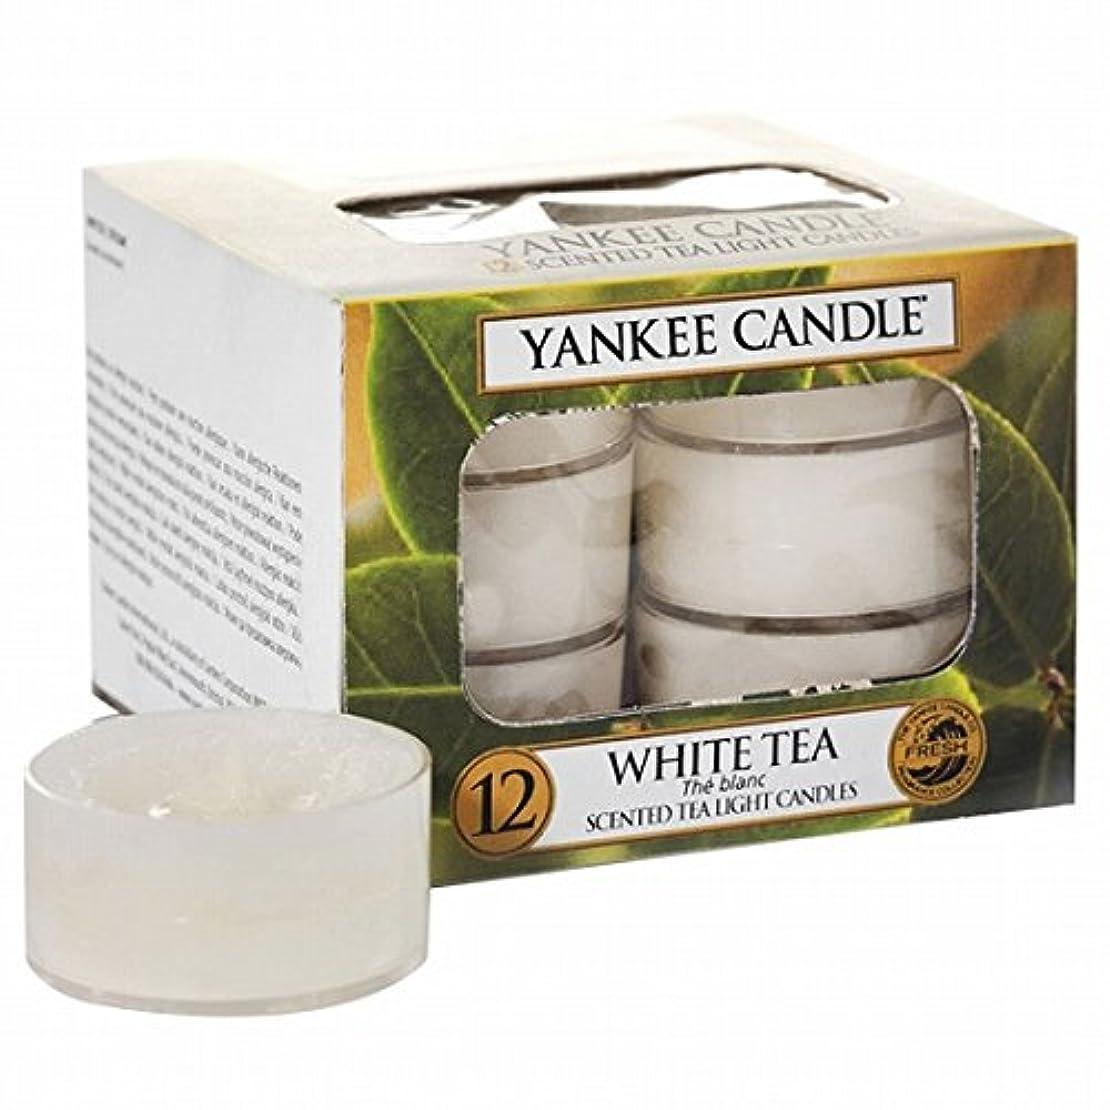 グラフキャップドラムヤンキーキャンドル(YANKEE CANDLE) YANKEE CANDLE クリアカップティーライト12個入り 「ホワイトティー」